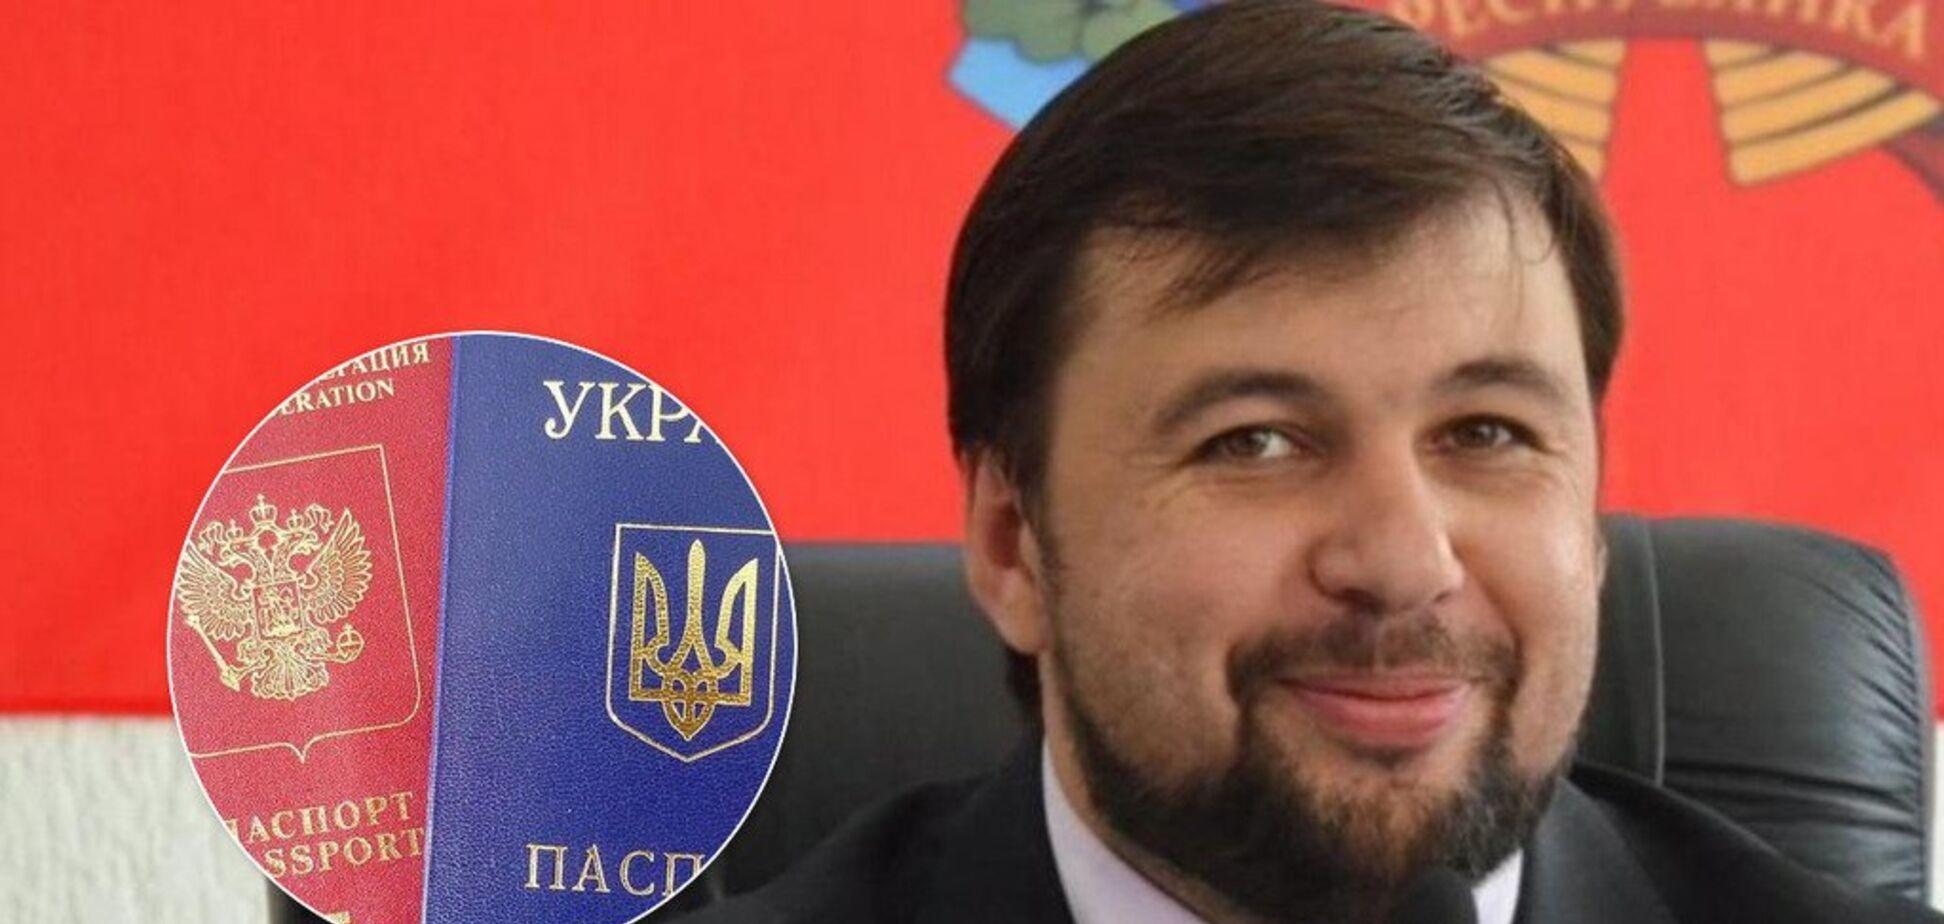 Звозитимуть масово: в 'ДНР' 'відкриють' кордон із Росією